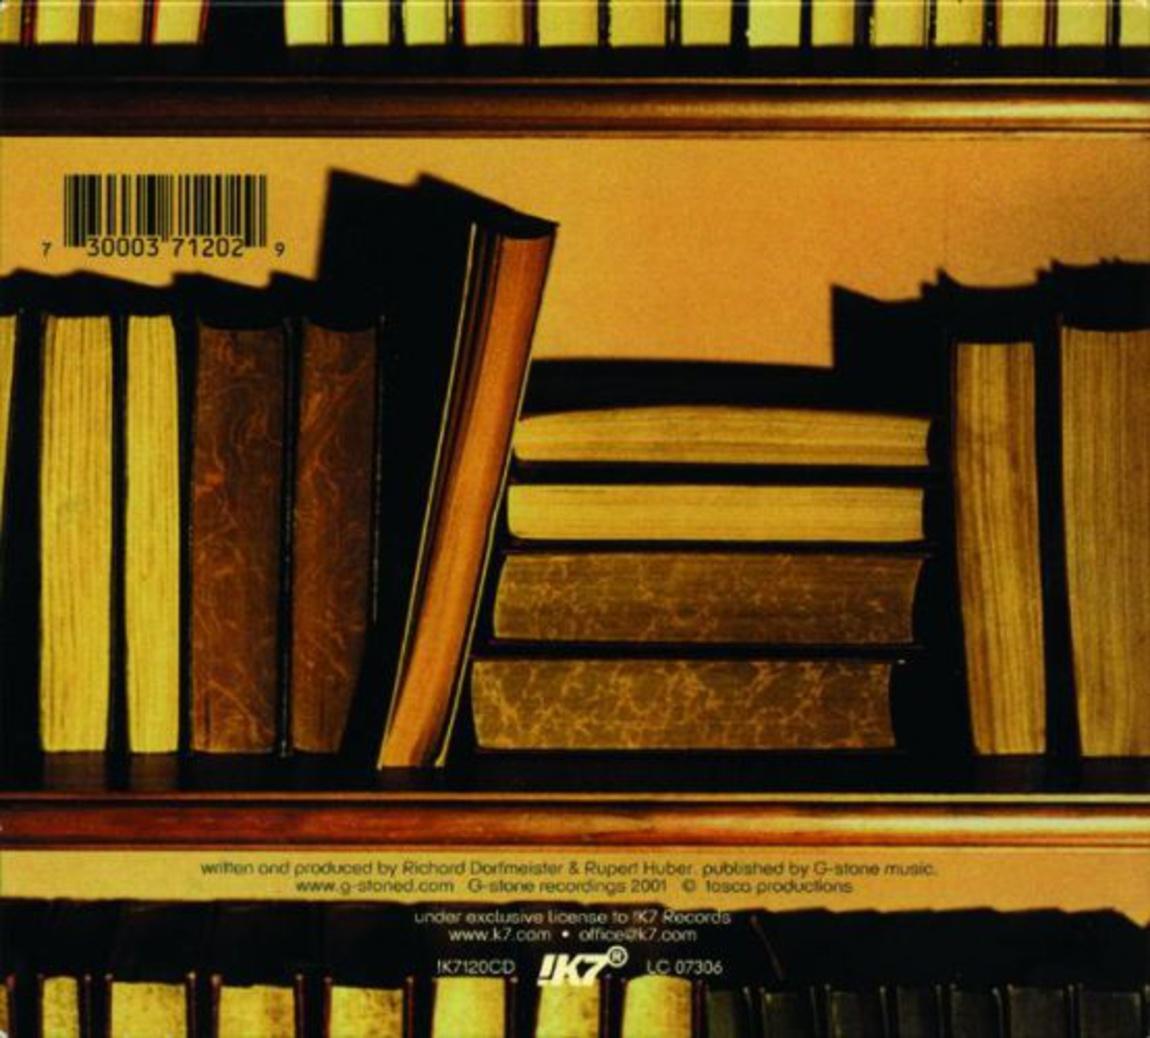 Lürzer's Archive - G-Stone Records